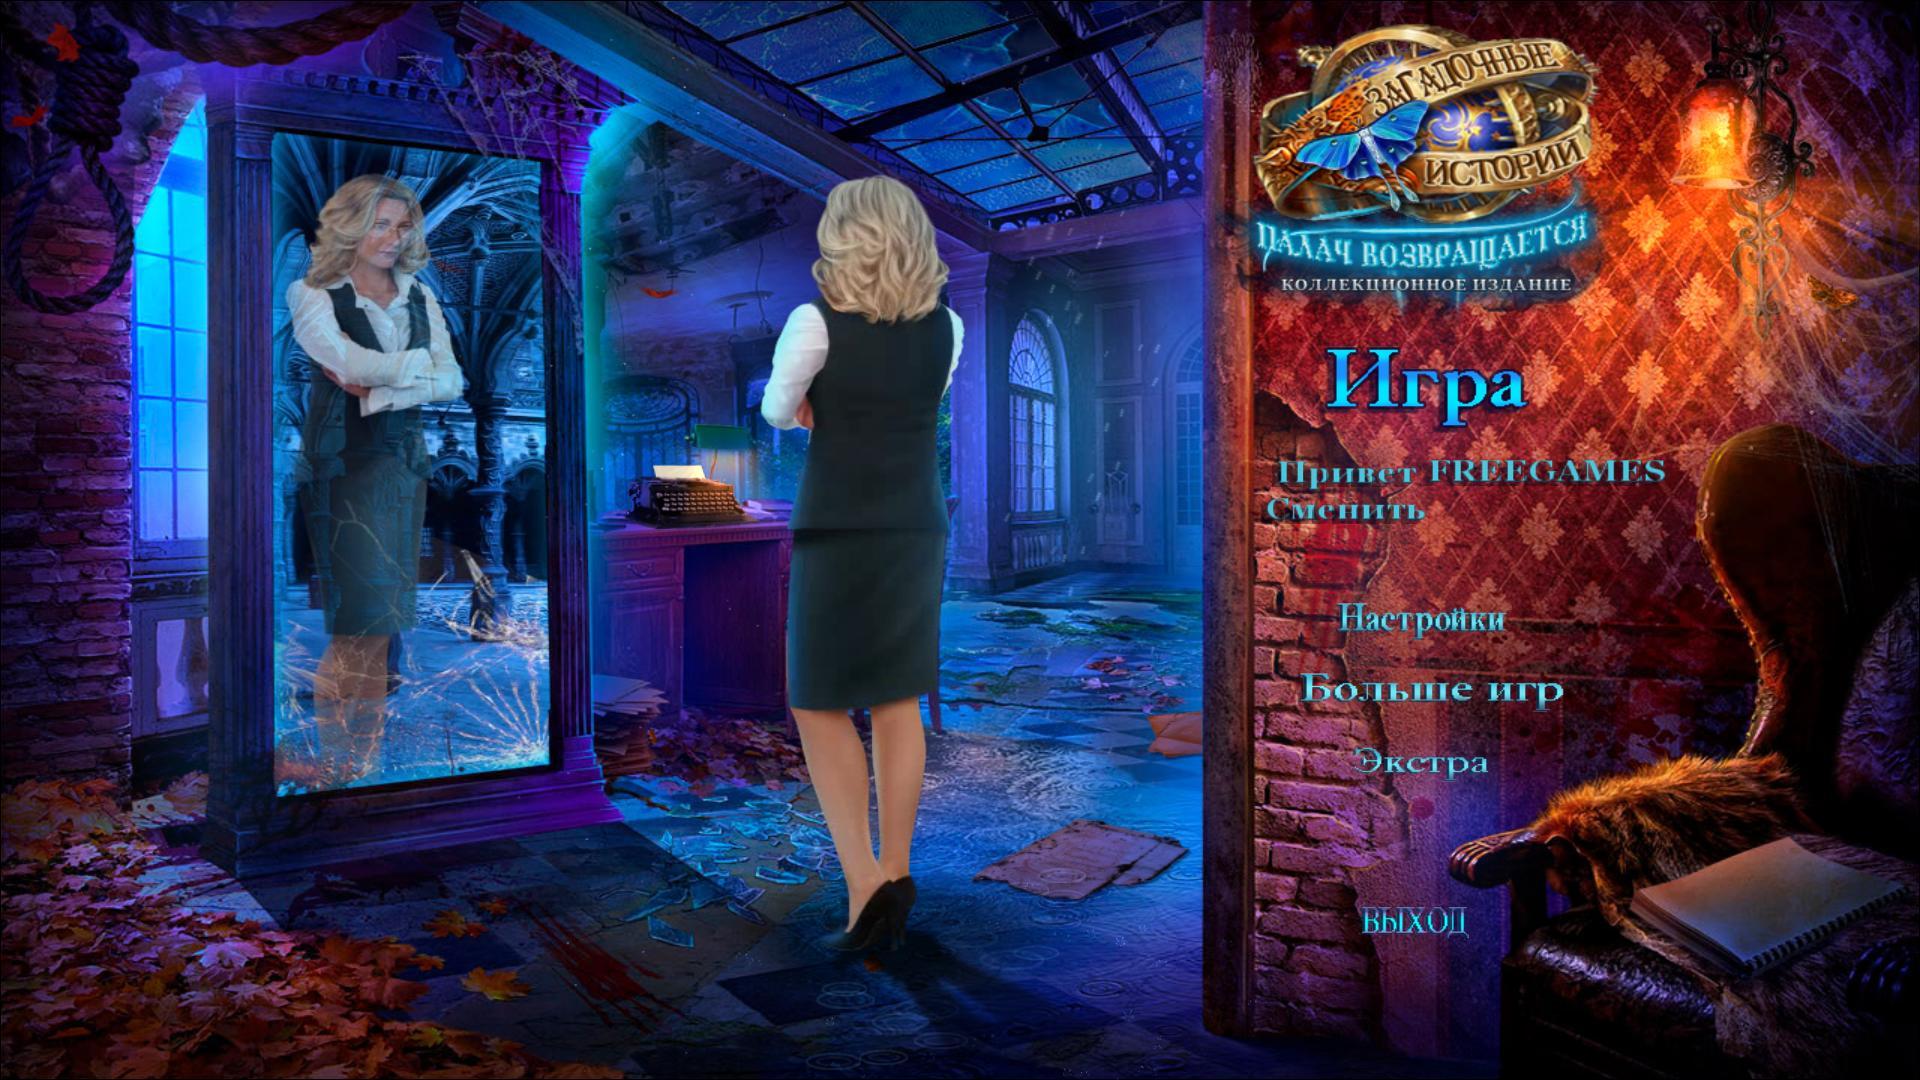 Загадочные истории 6: Возвращение палача. Коллекционное издание | Mystery Tales 6: The Hangman Returns CE (Rus)